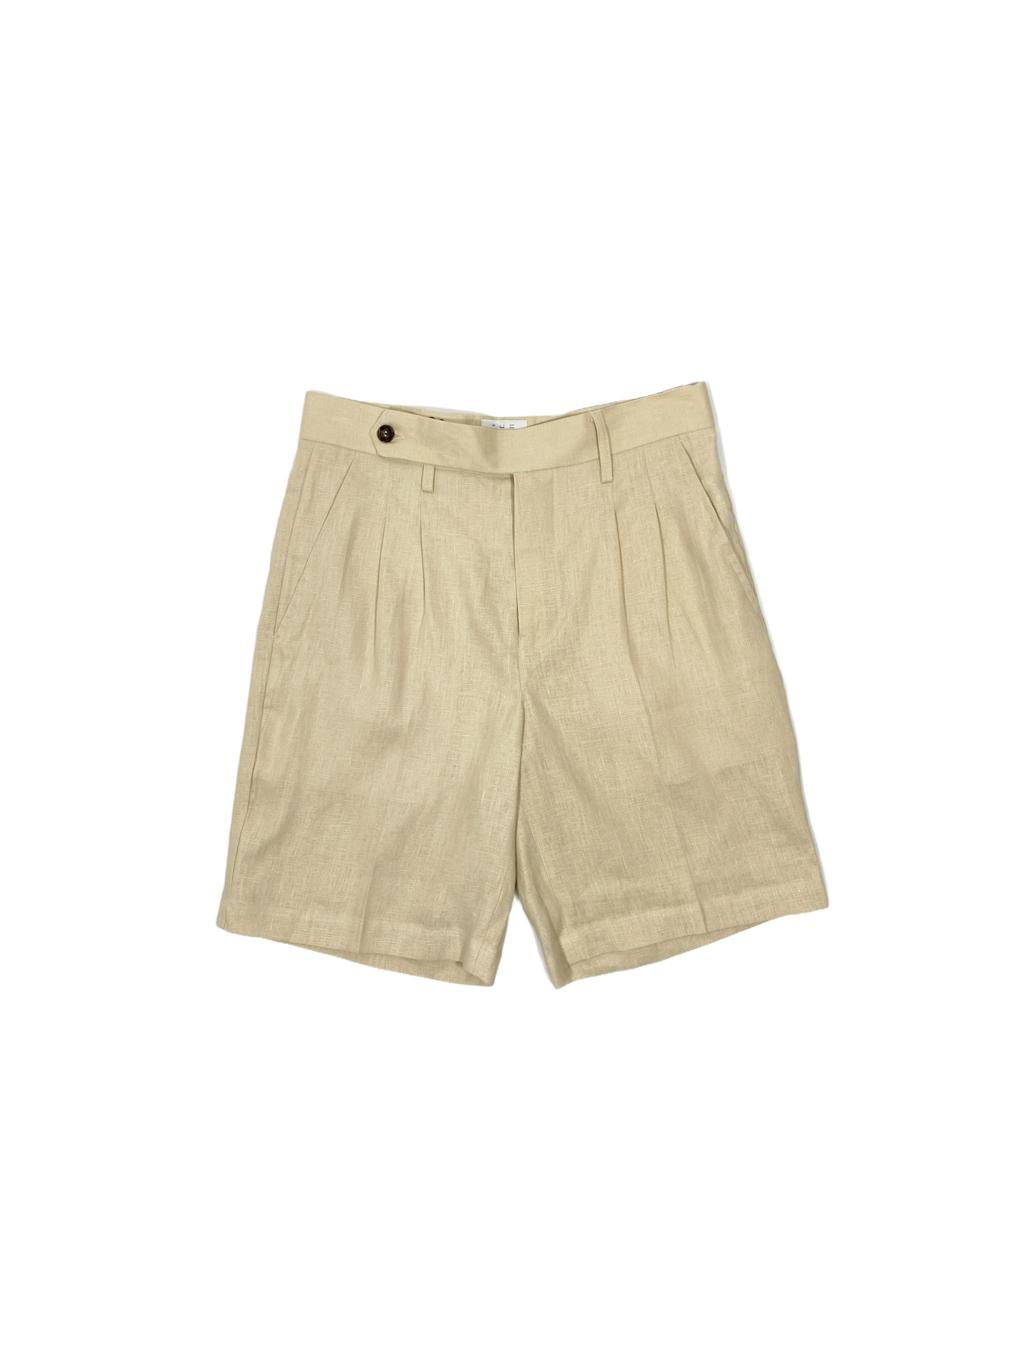 Linen wanderlust shorts (Cream)